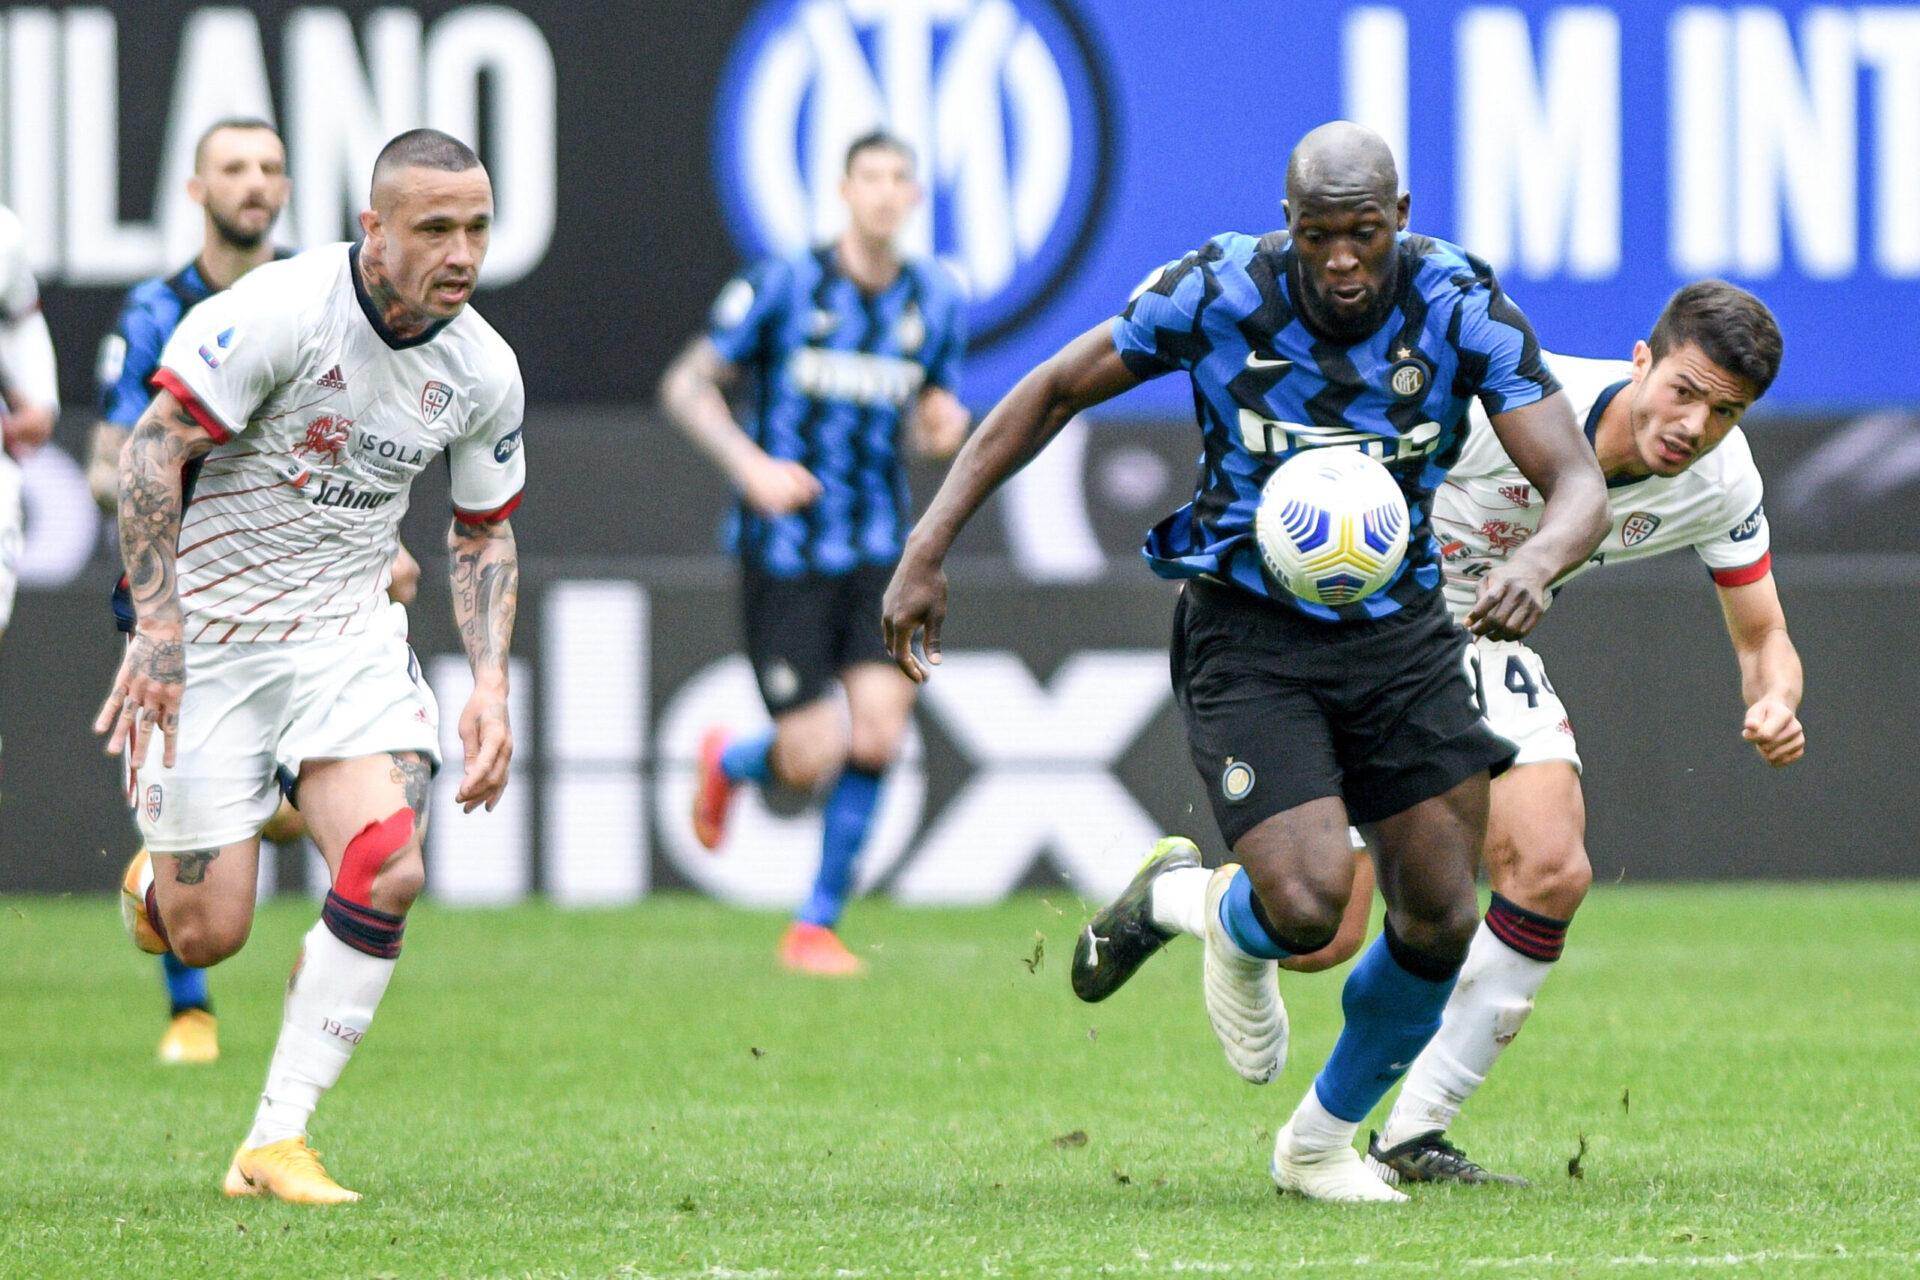 Sky Sports Italia croît savoir que le transfert de Lukaku pourrait se débloquer si l'attaquant demandait son transfert (iconsport)